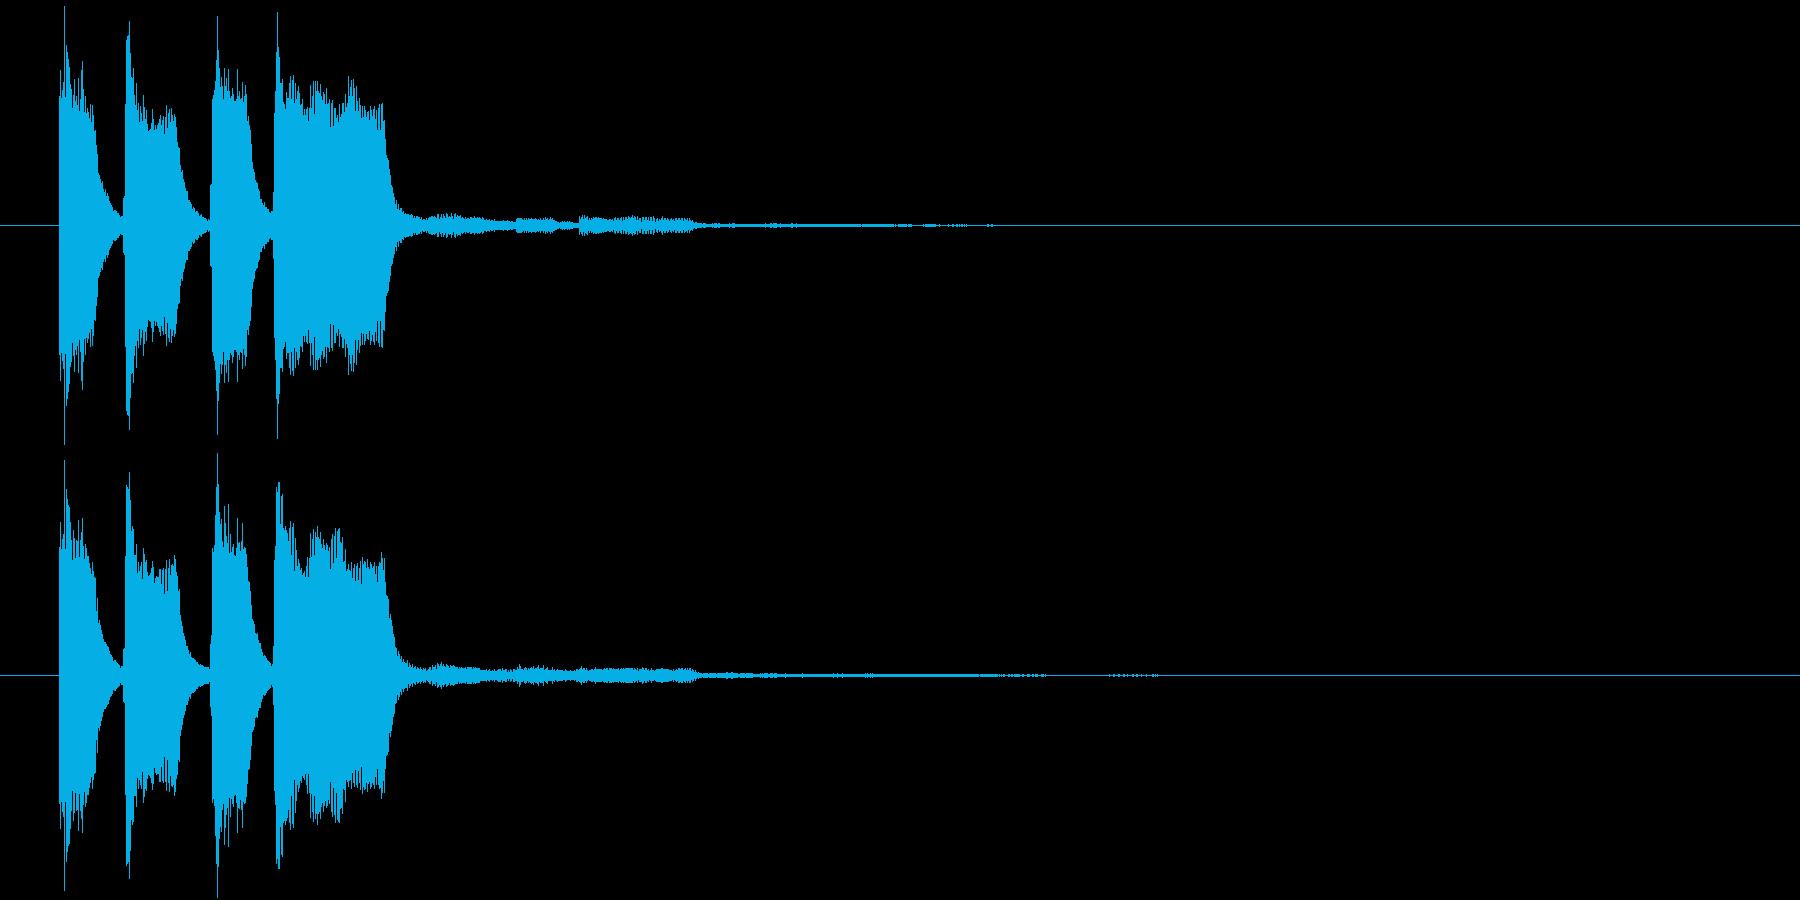 ピコピコン(正解・獲得)の再生済みの波形